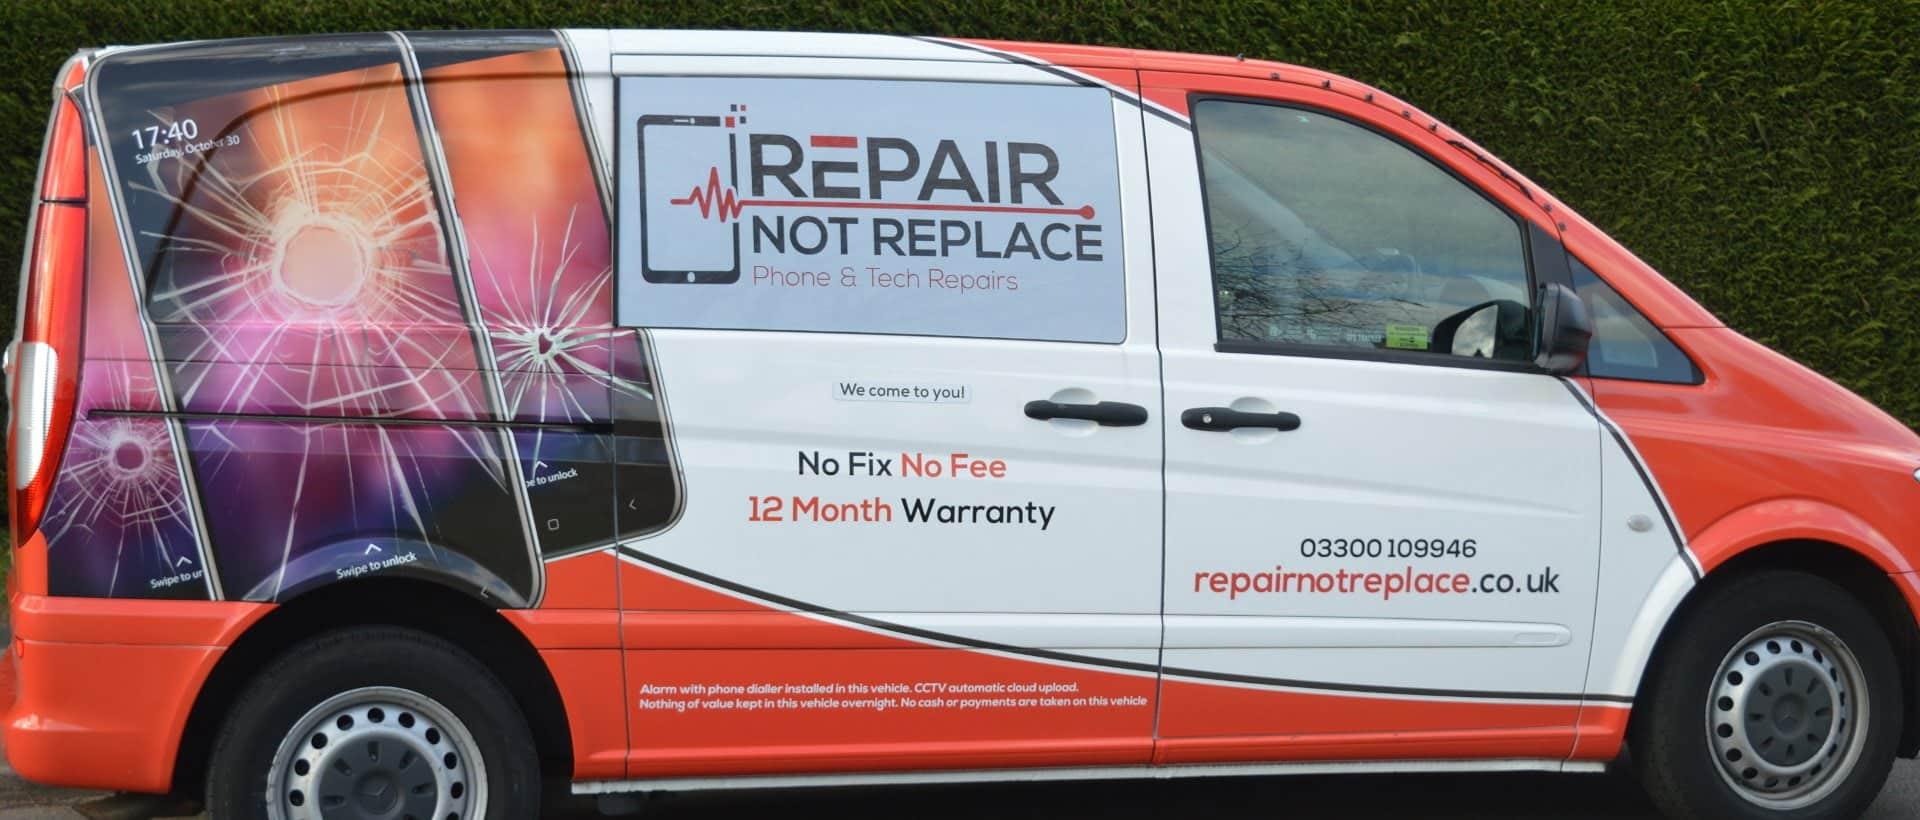 mobile phone repairs rushden, mobile phone repairs wellingborough, mobile phone repairs daventry